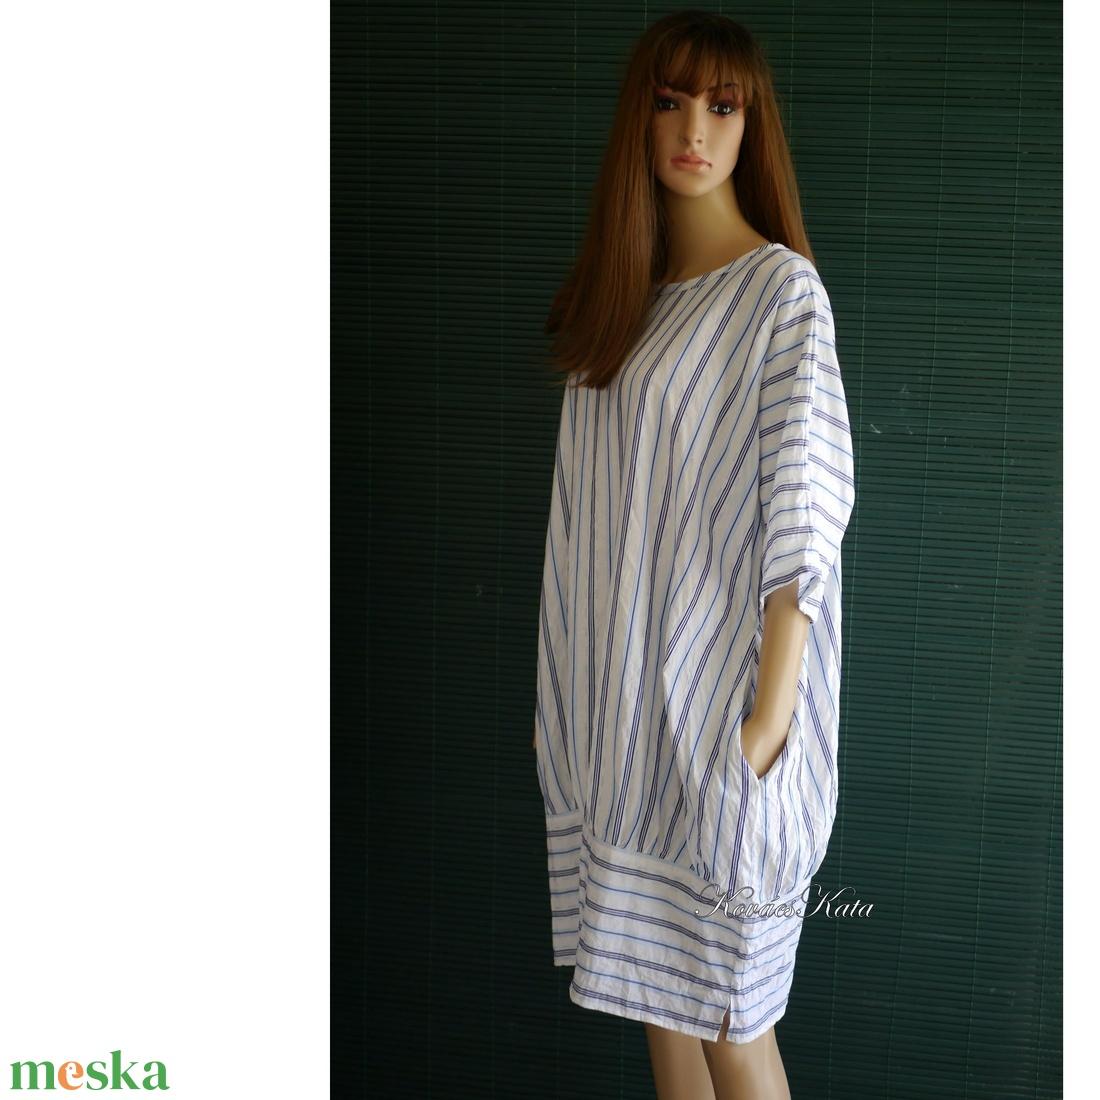 MAYA - puplin kehelyruha - ruha & divat - női ruha - ruha - Meska.hu